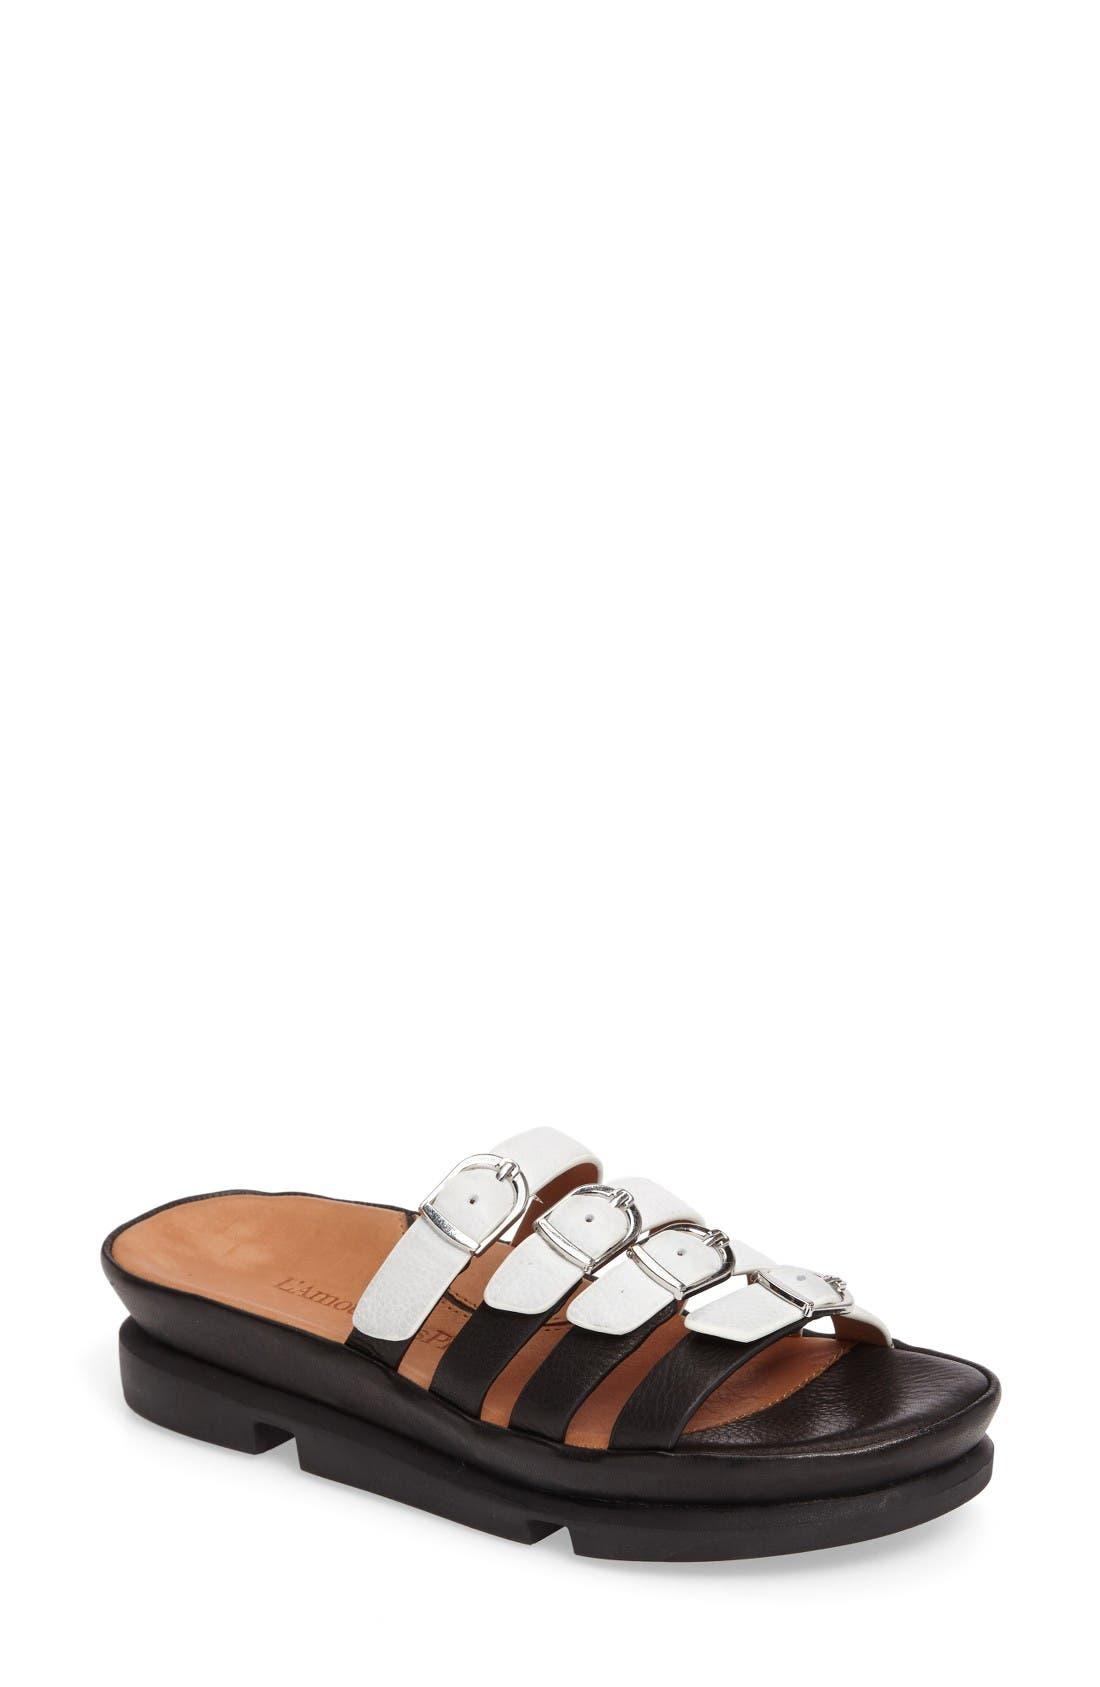 Viletta Slide Sandal,                         Main,                         color, White/ Black Leather